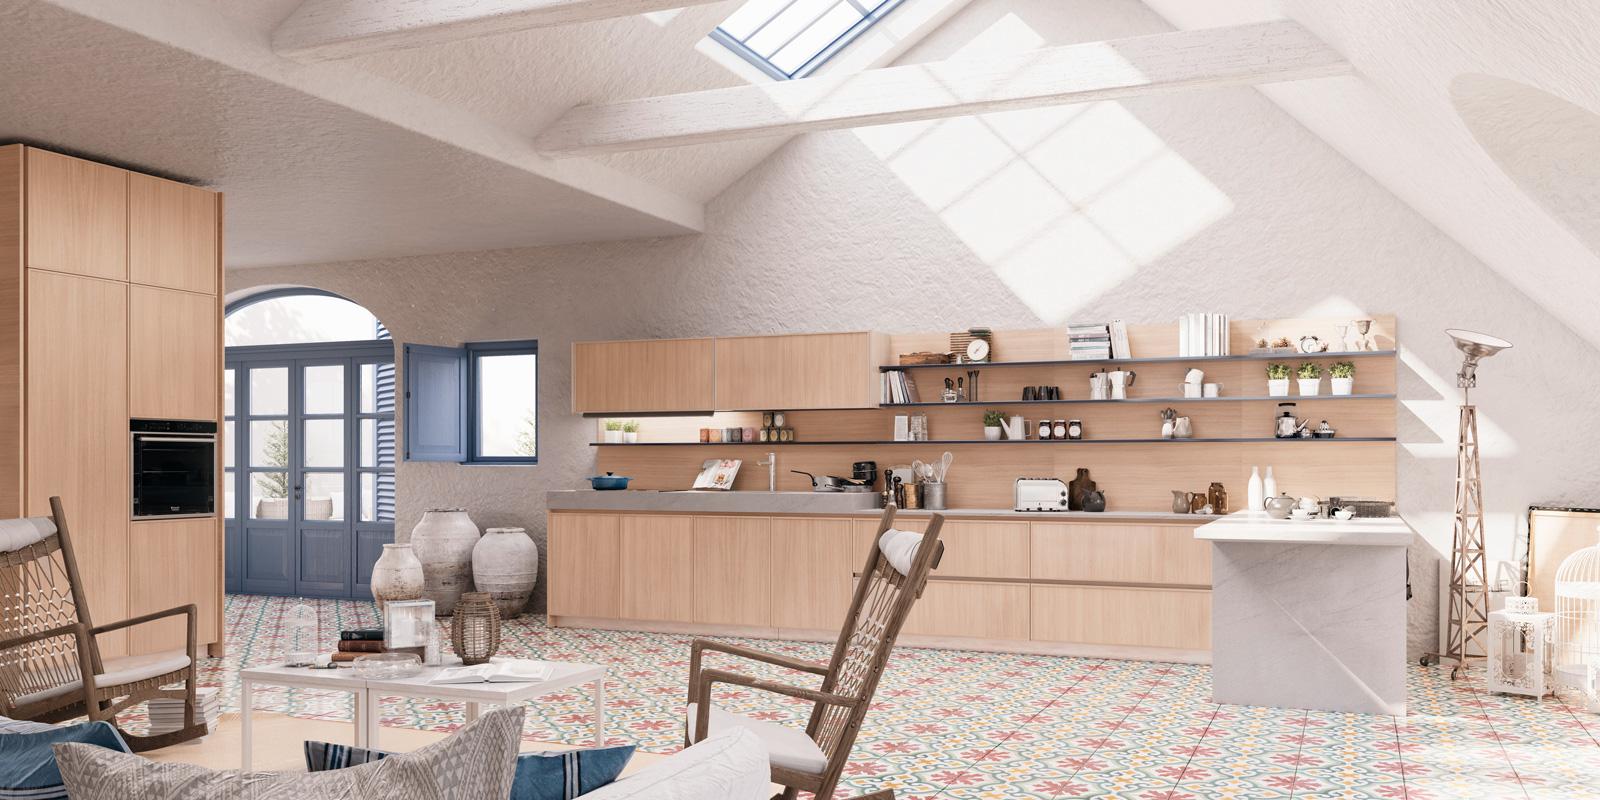 Cucine Scavolini In Legno Massello : Terbuka dapur untuk loteng ruang di tamu